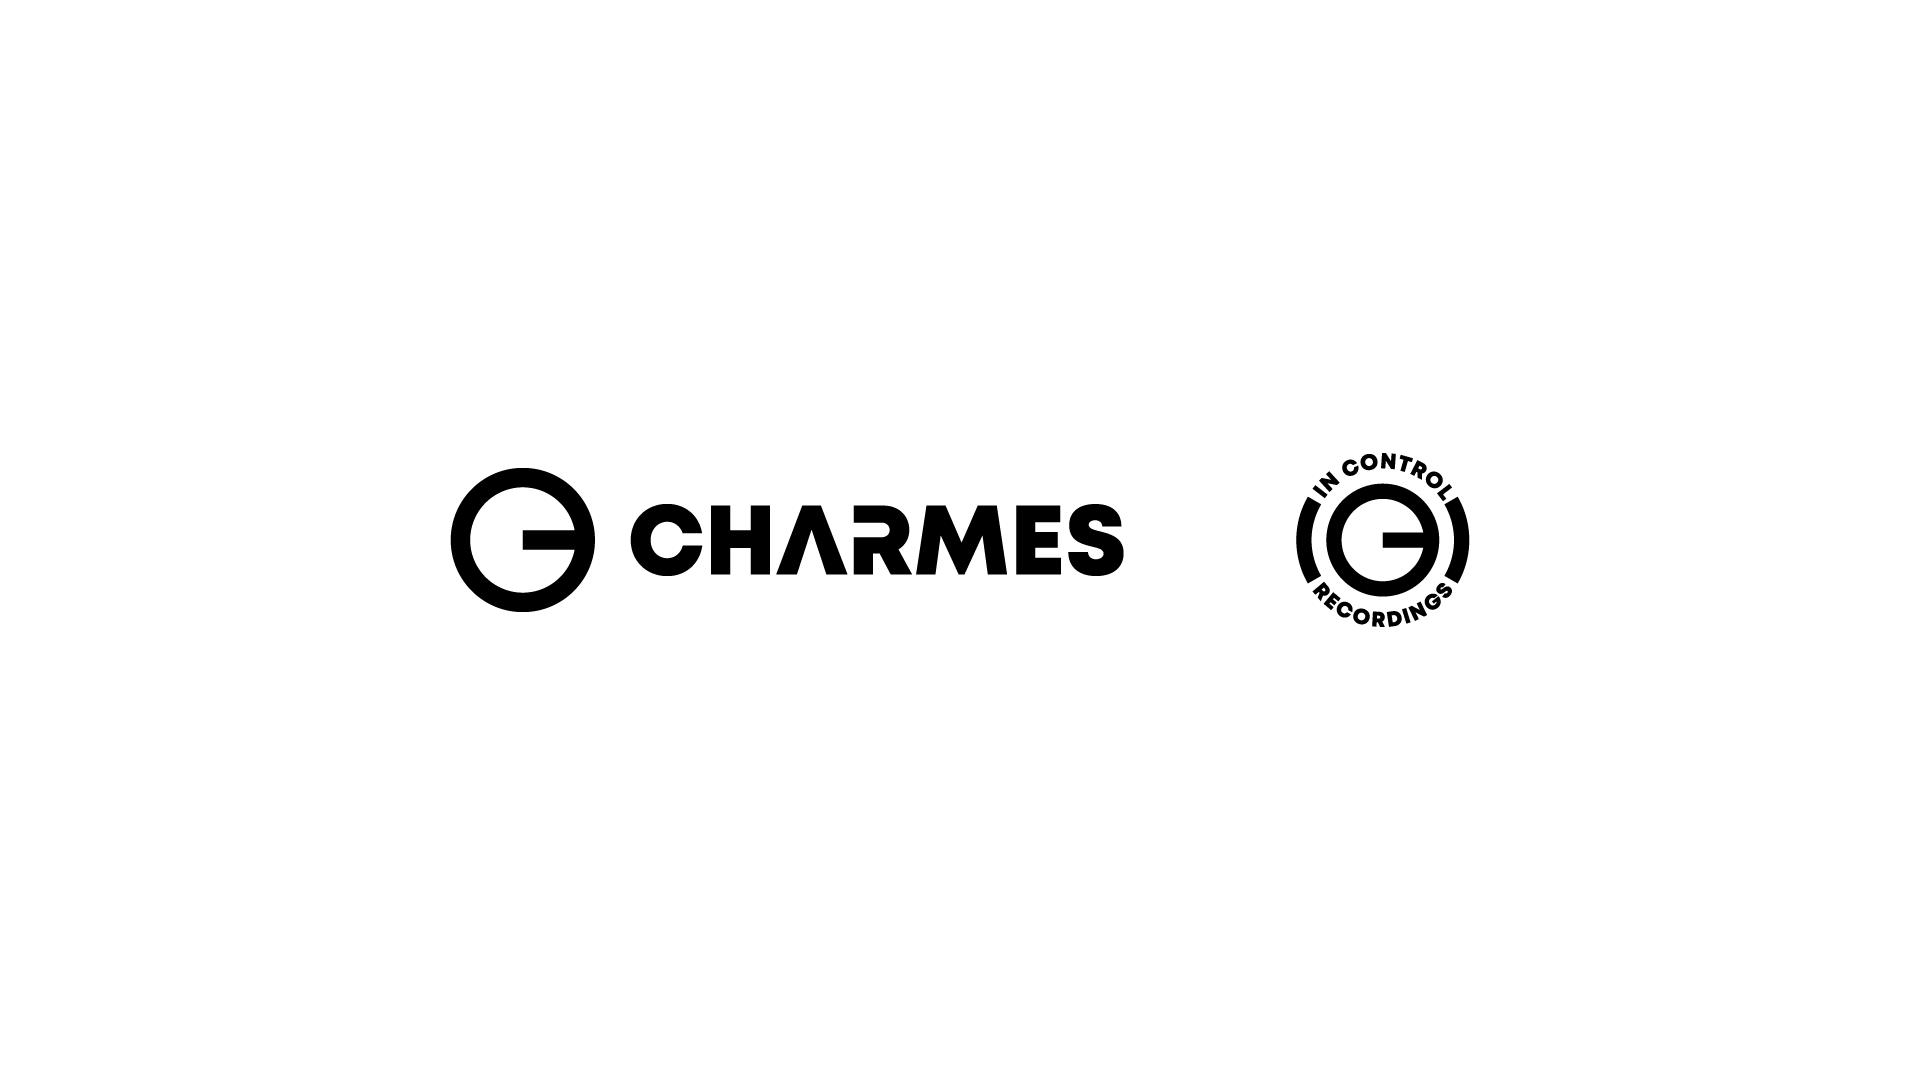 Charmes